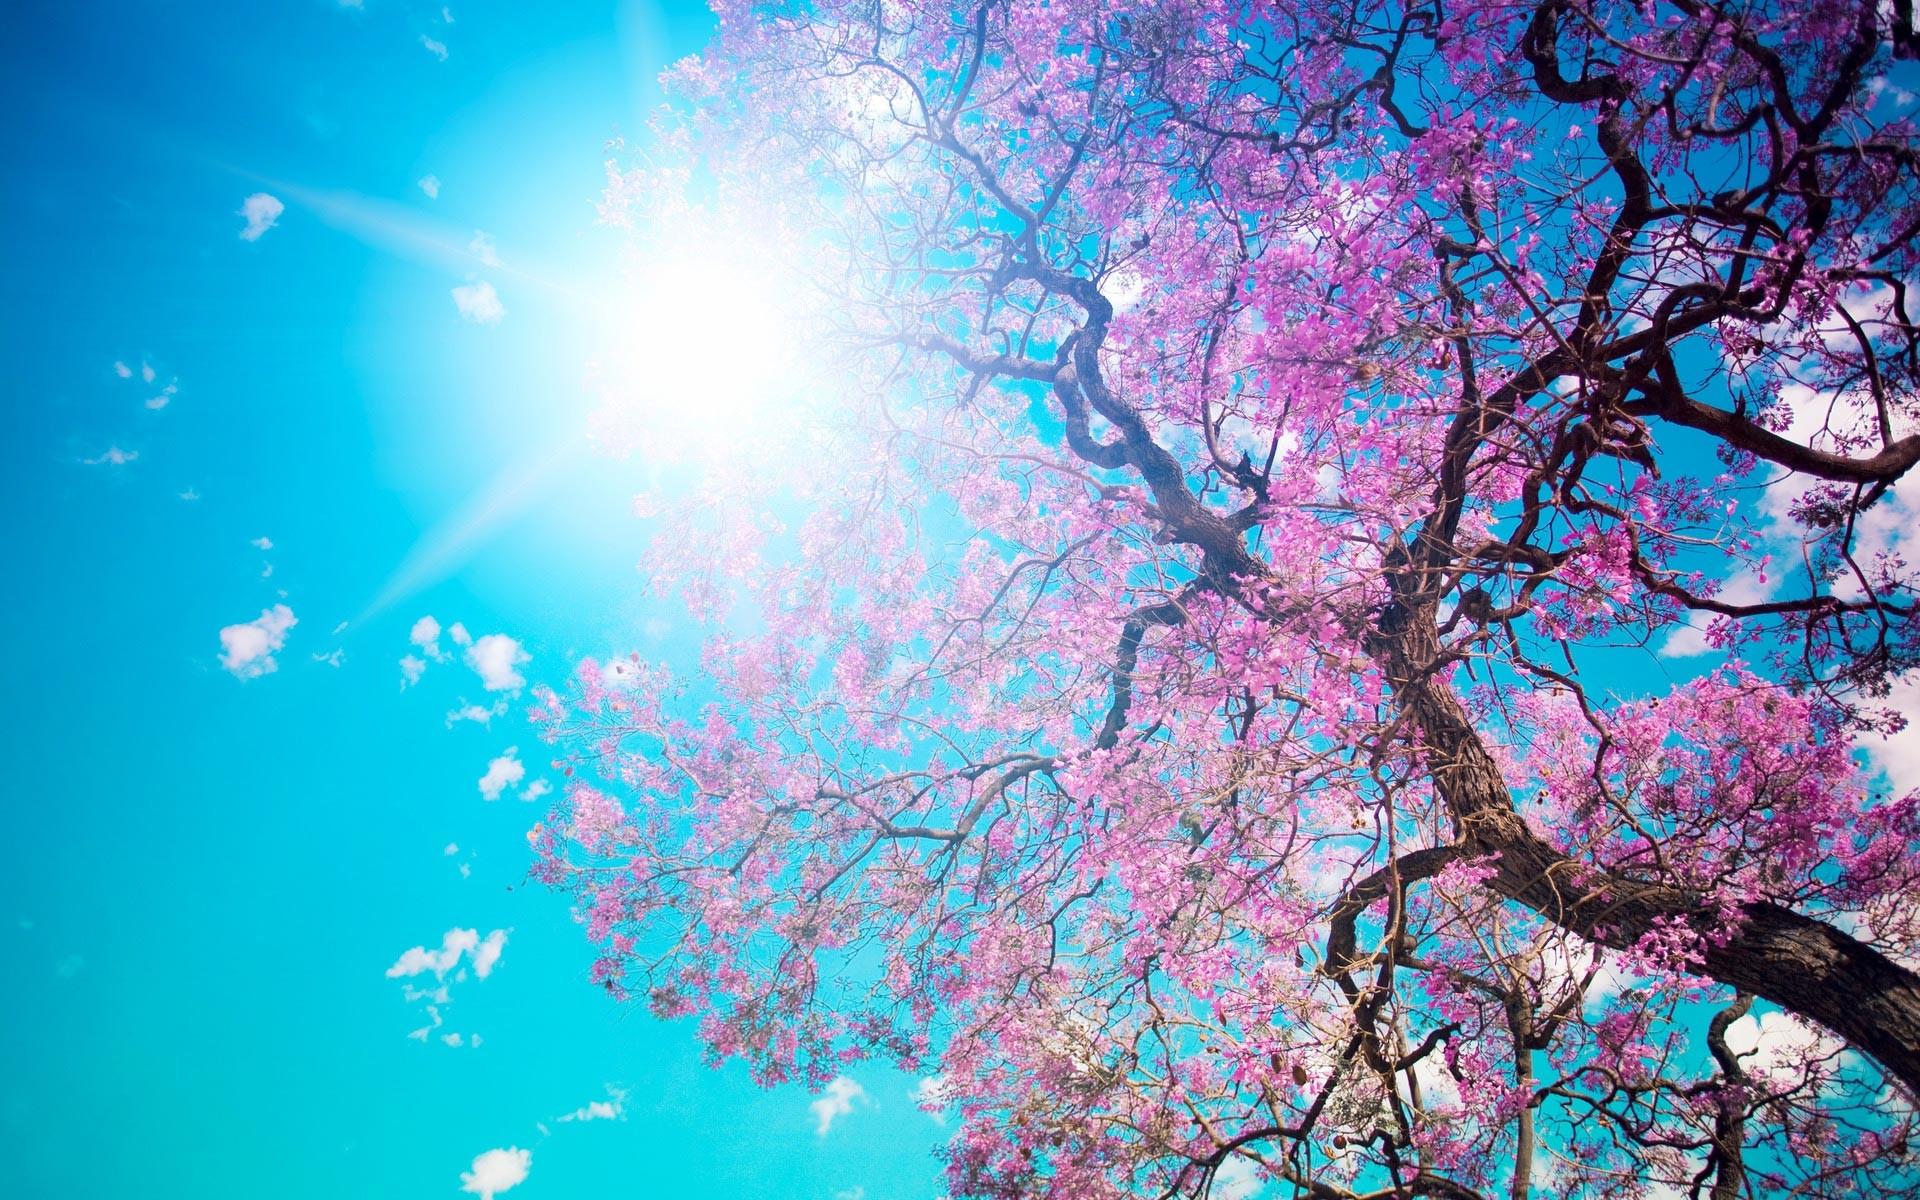 Spring Desktop Wallpaper HD Photos.